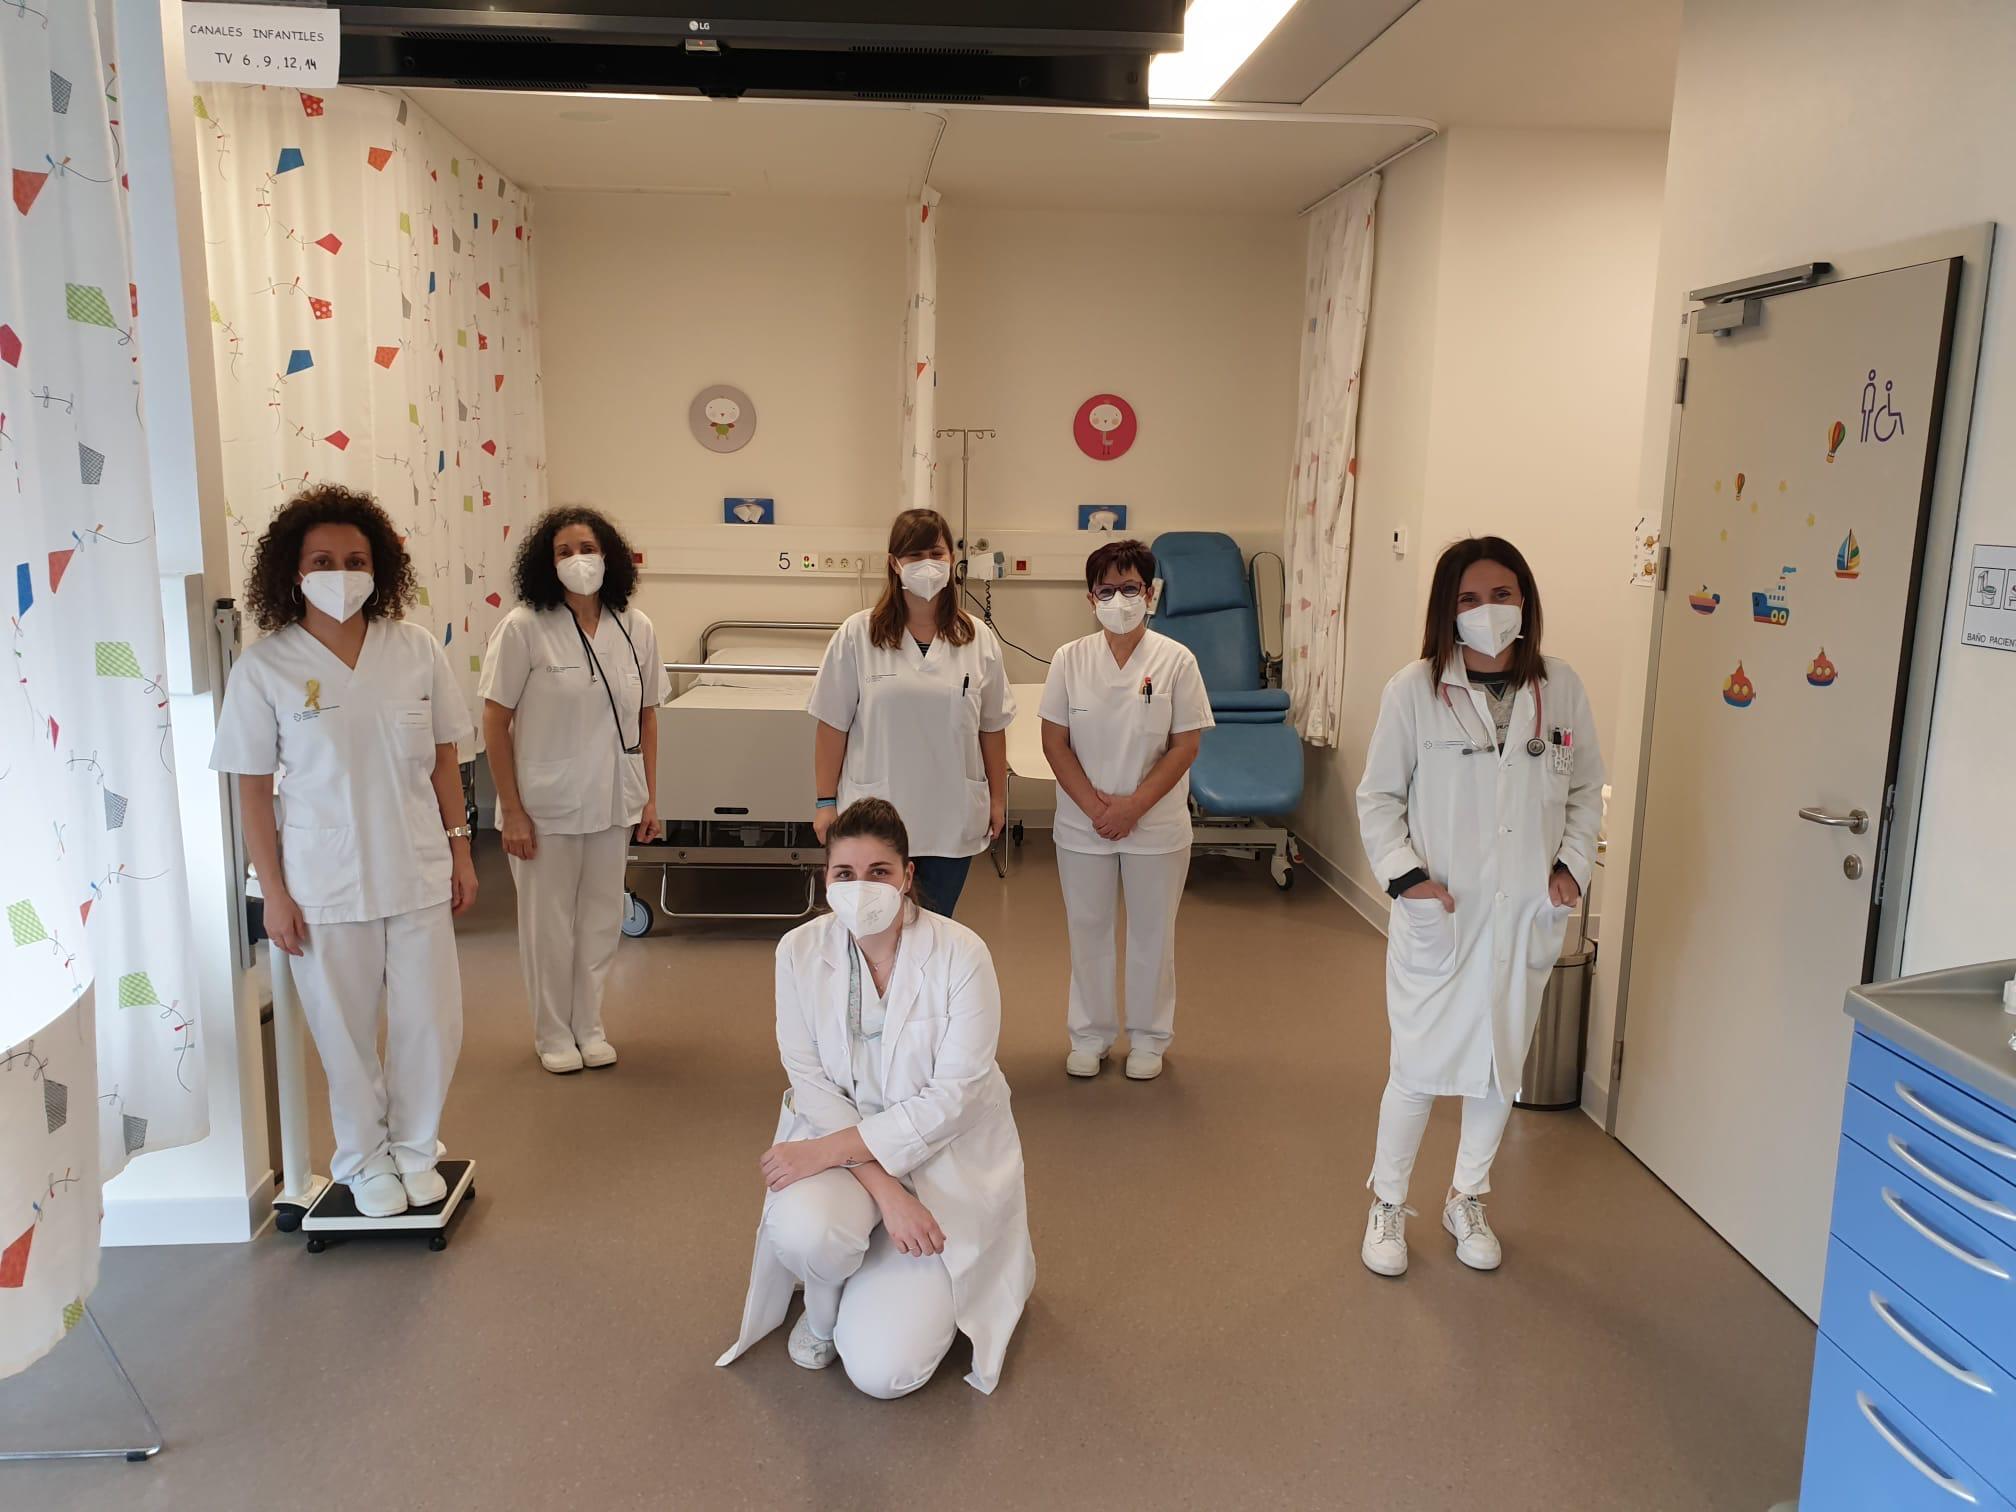 parte do equipo da Unidade de Oncoloxía Pediátrica. Á dereita da foto, ao carón da porta, a oncóloga Cristina Lorenzo